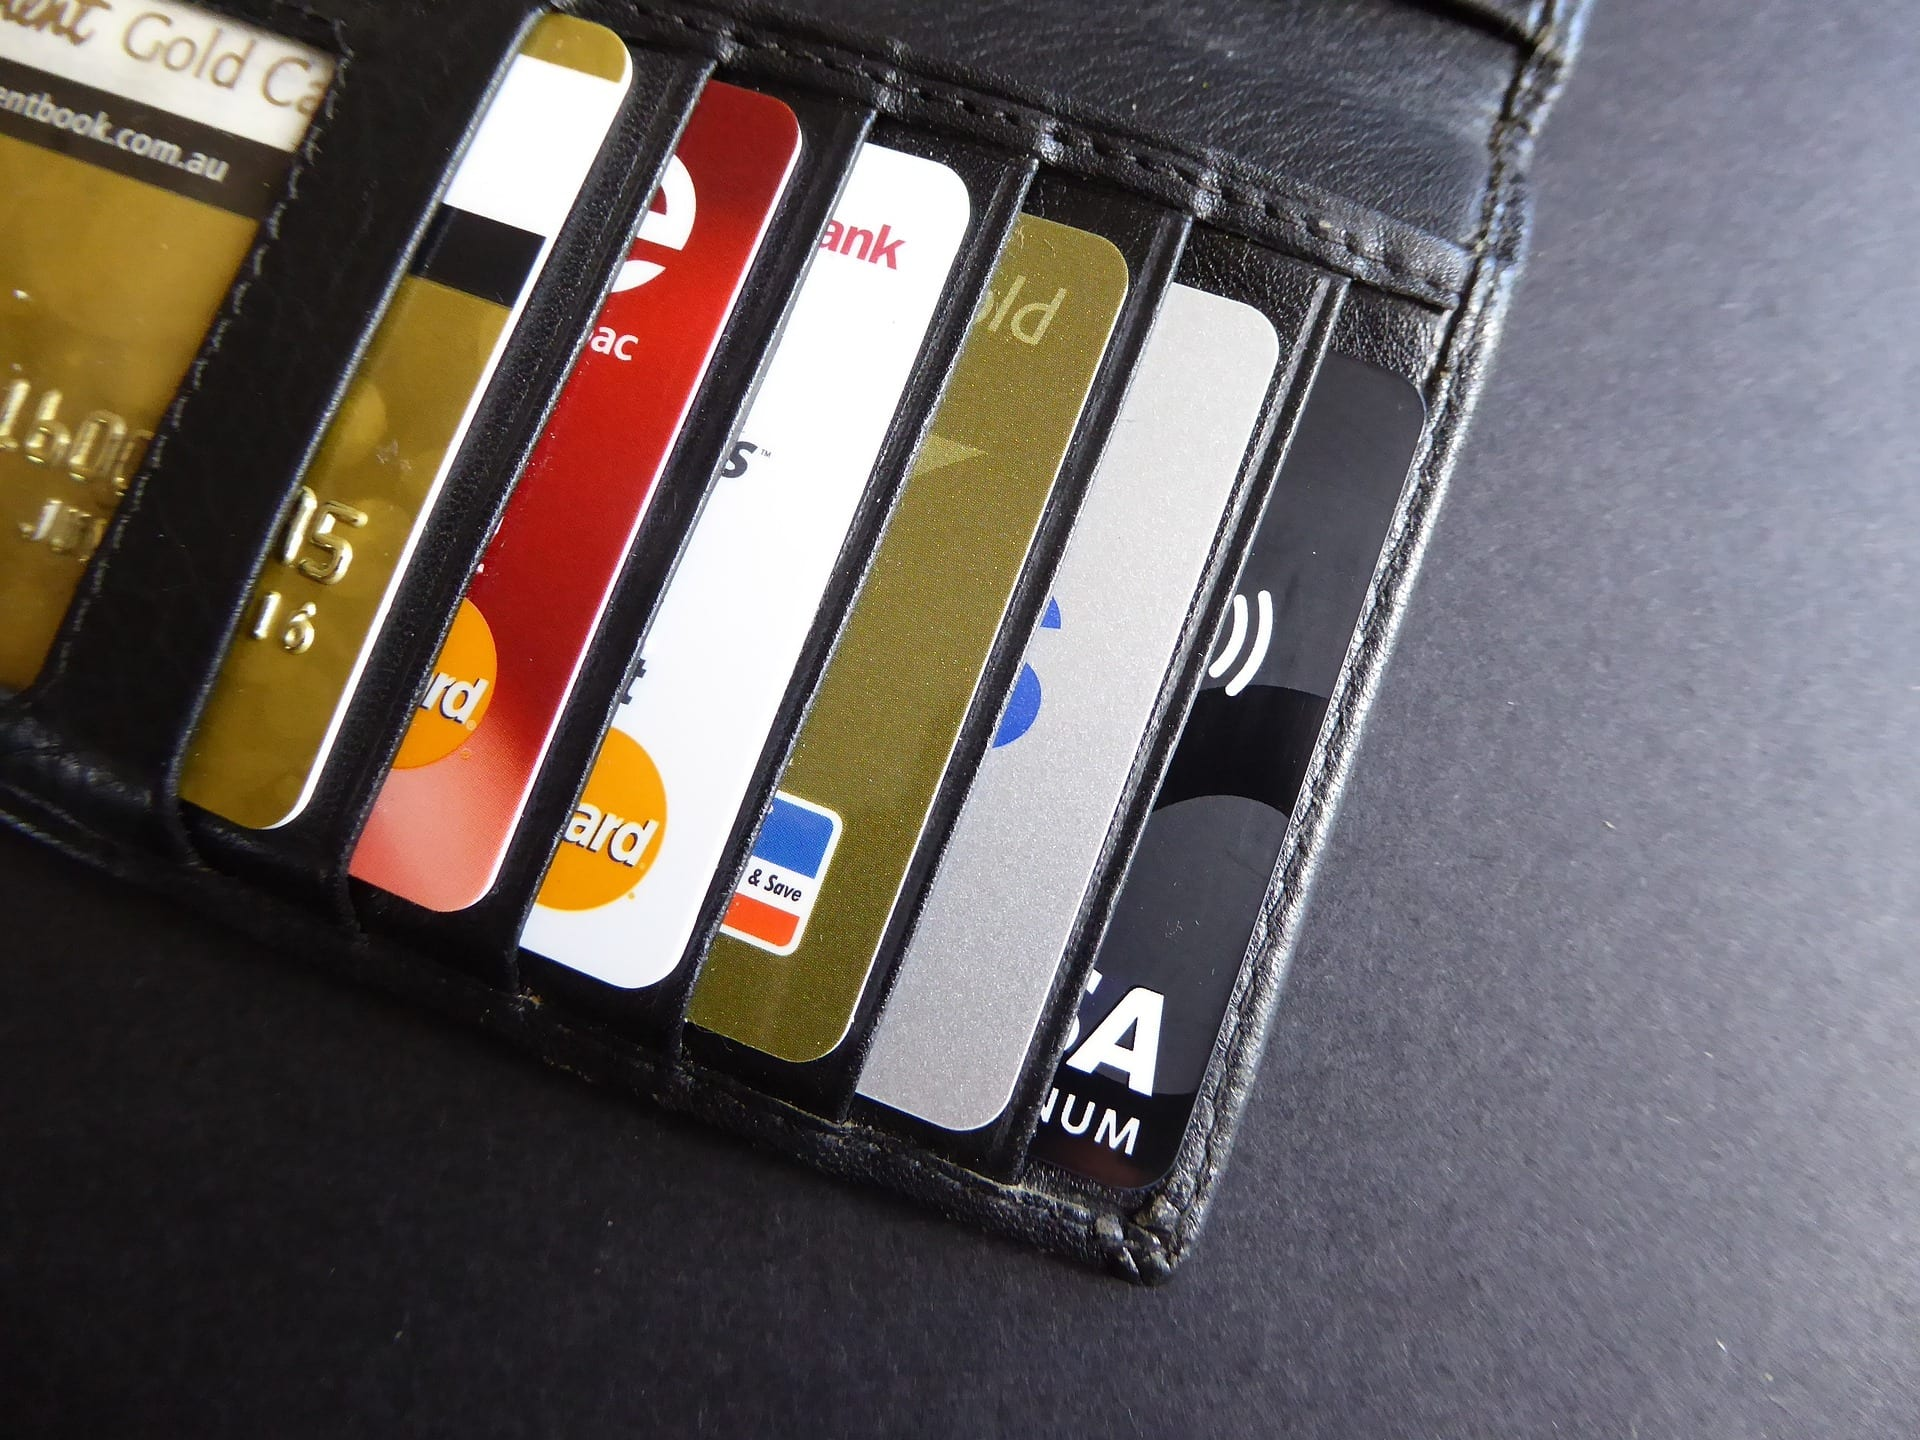 Przeniesienie kredytu do innego banku jak